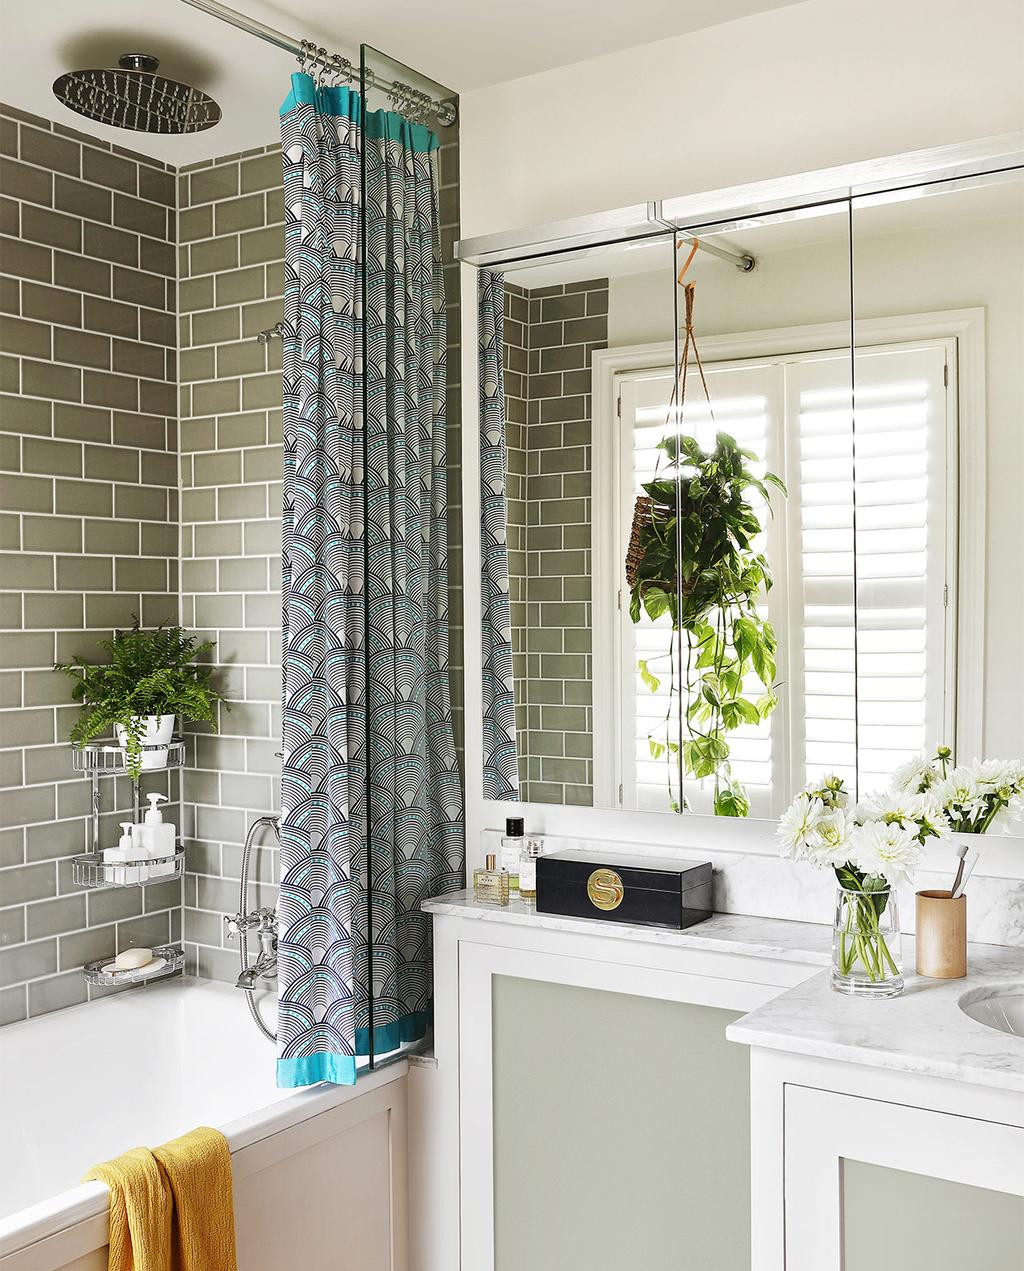 vtwonen casas especiais de verão 07-2021 |  banheiro com azulejos verde-acinzentados